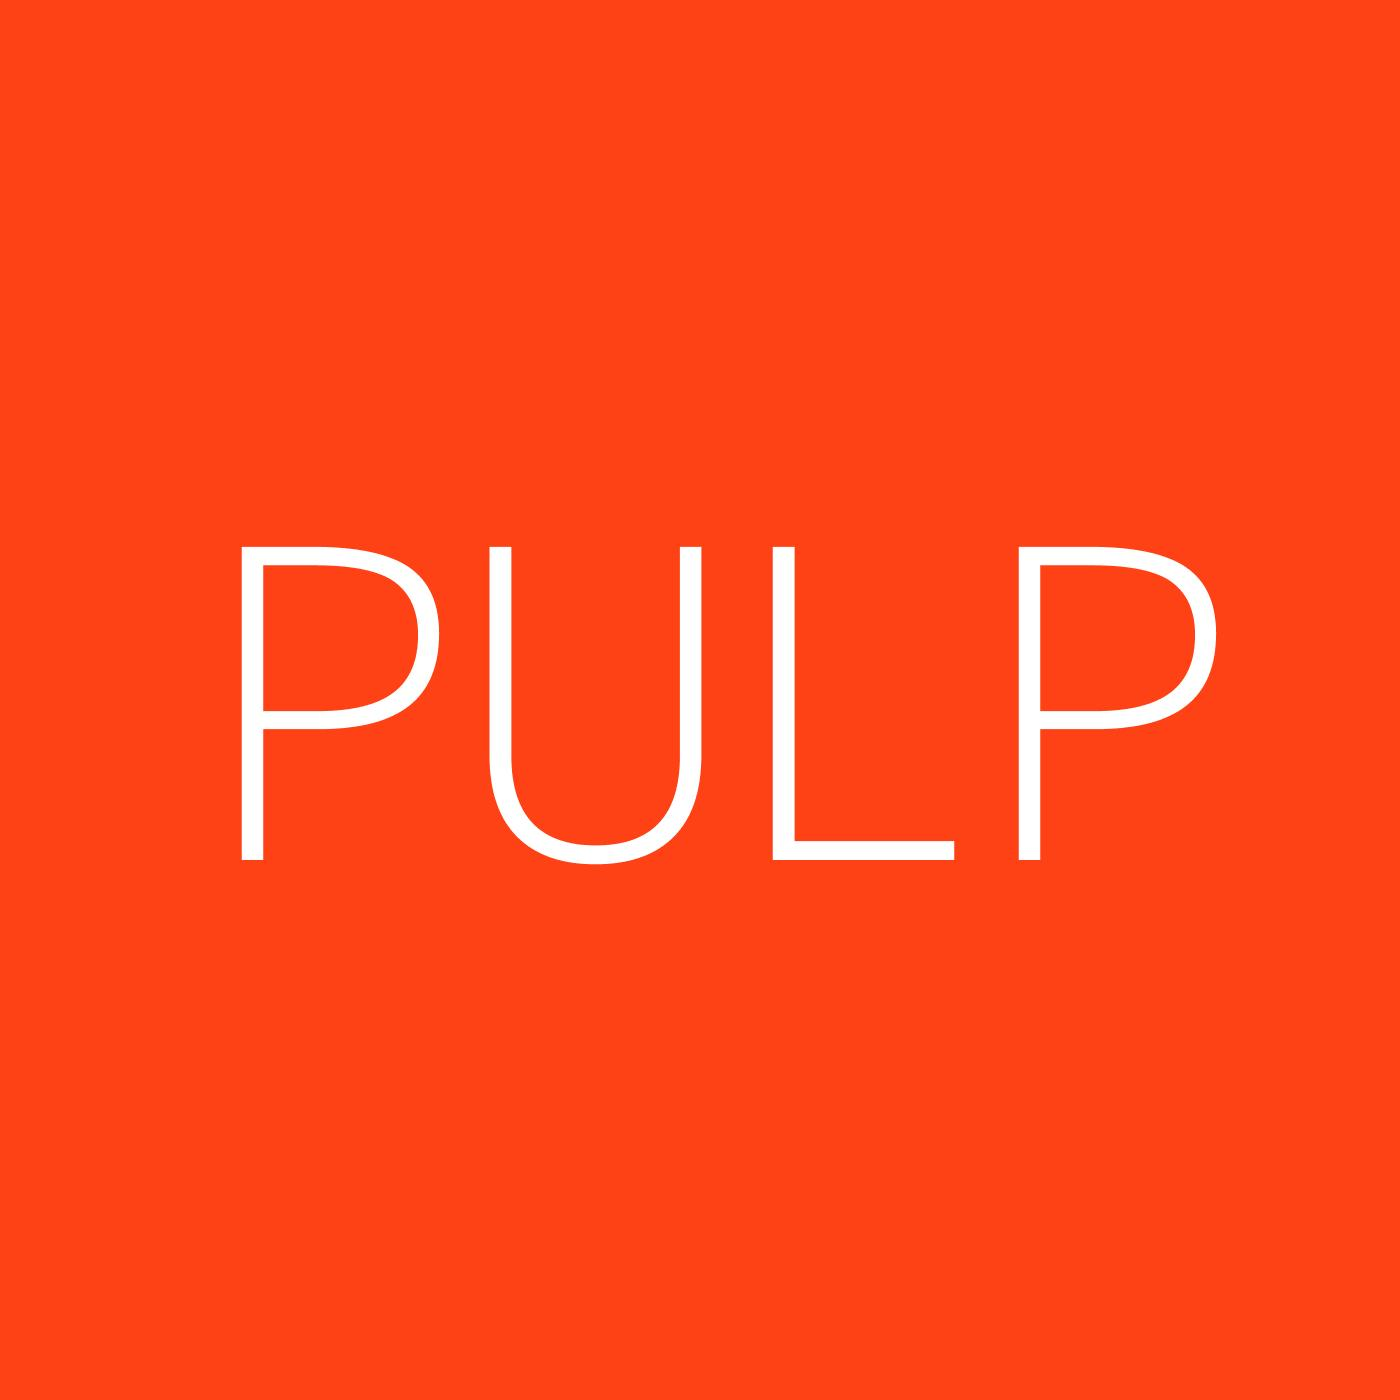 Pulp Playlist Artwork